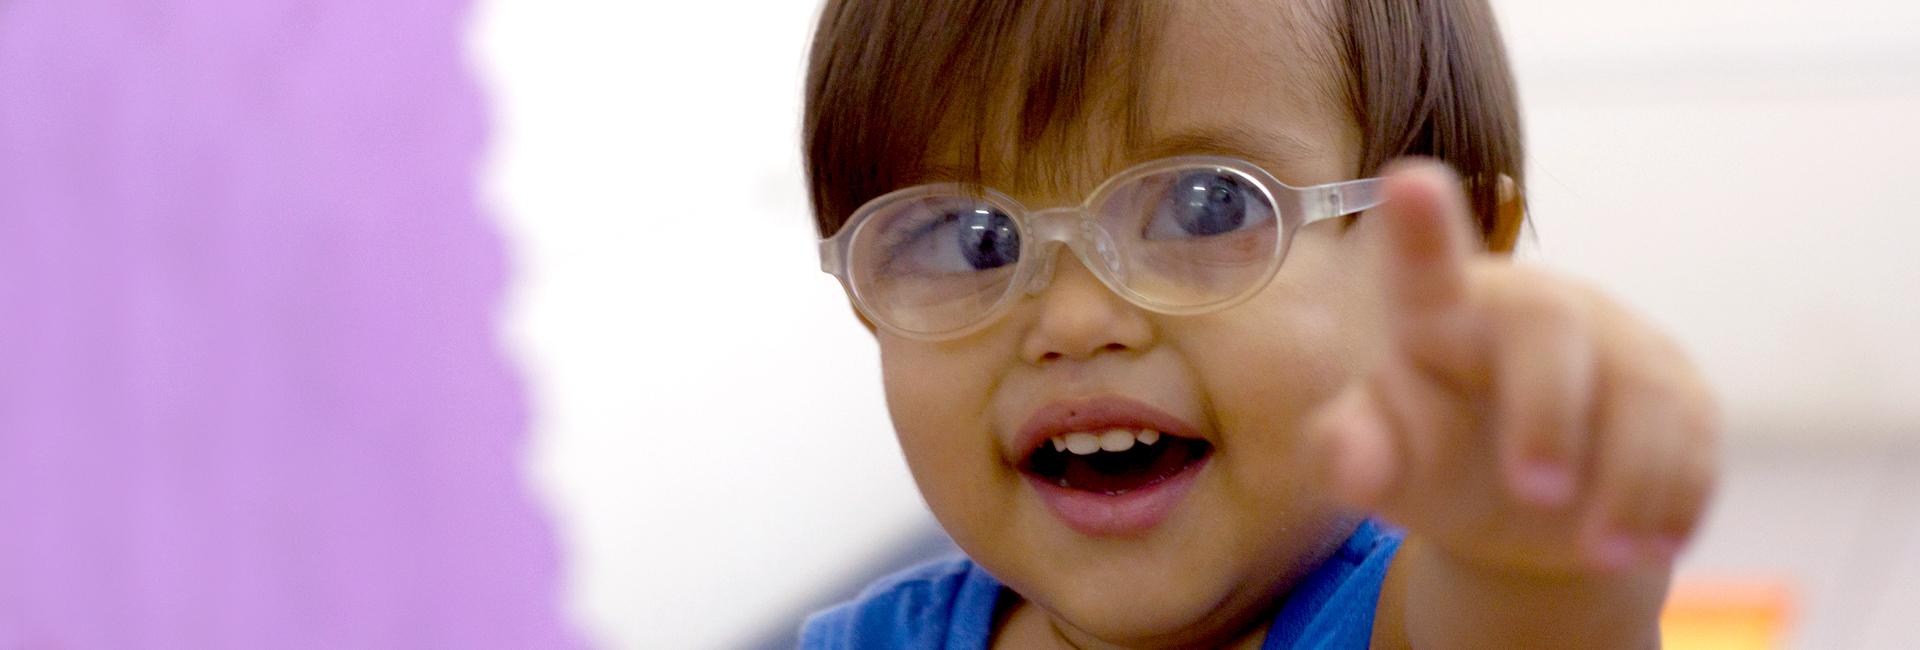 Foto de uma criança com baixa visão sorrindo e apontando com o dedo indicador.